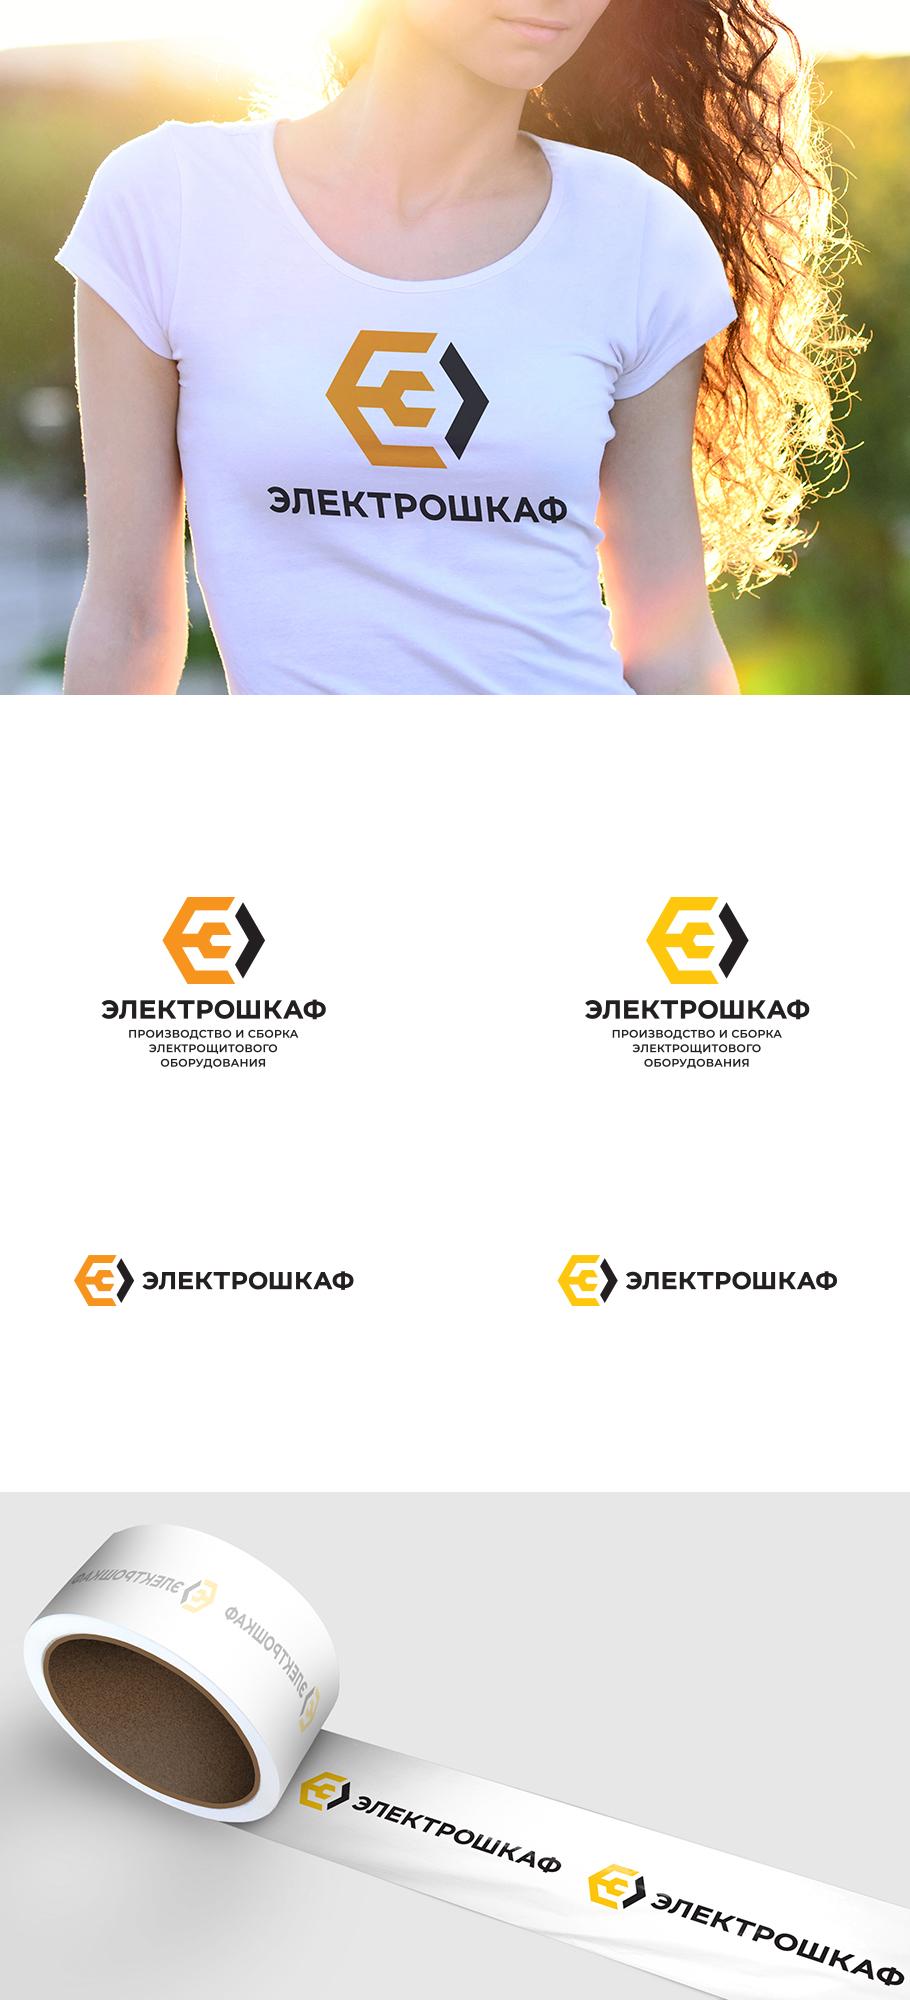 Разработать логотип для завода по производству электрощитов фото f_9525b7105e796c19.jpg